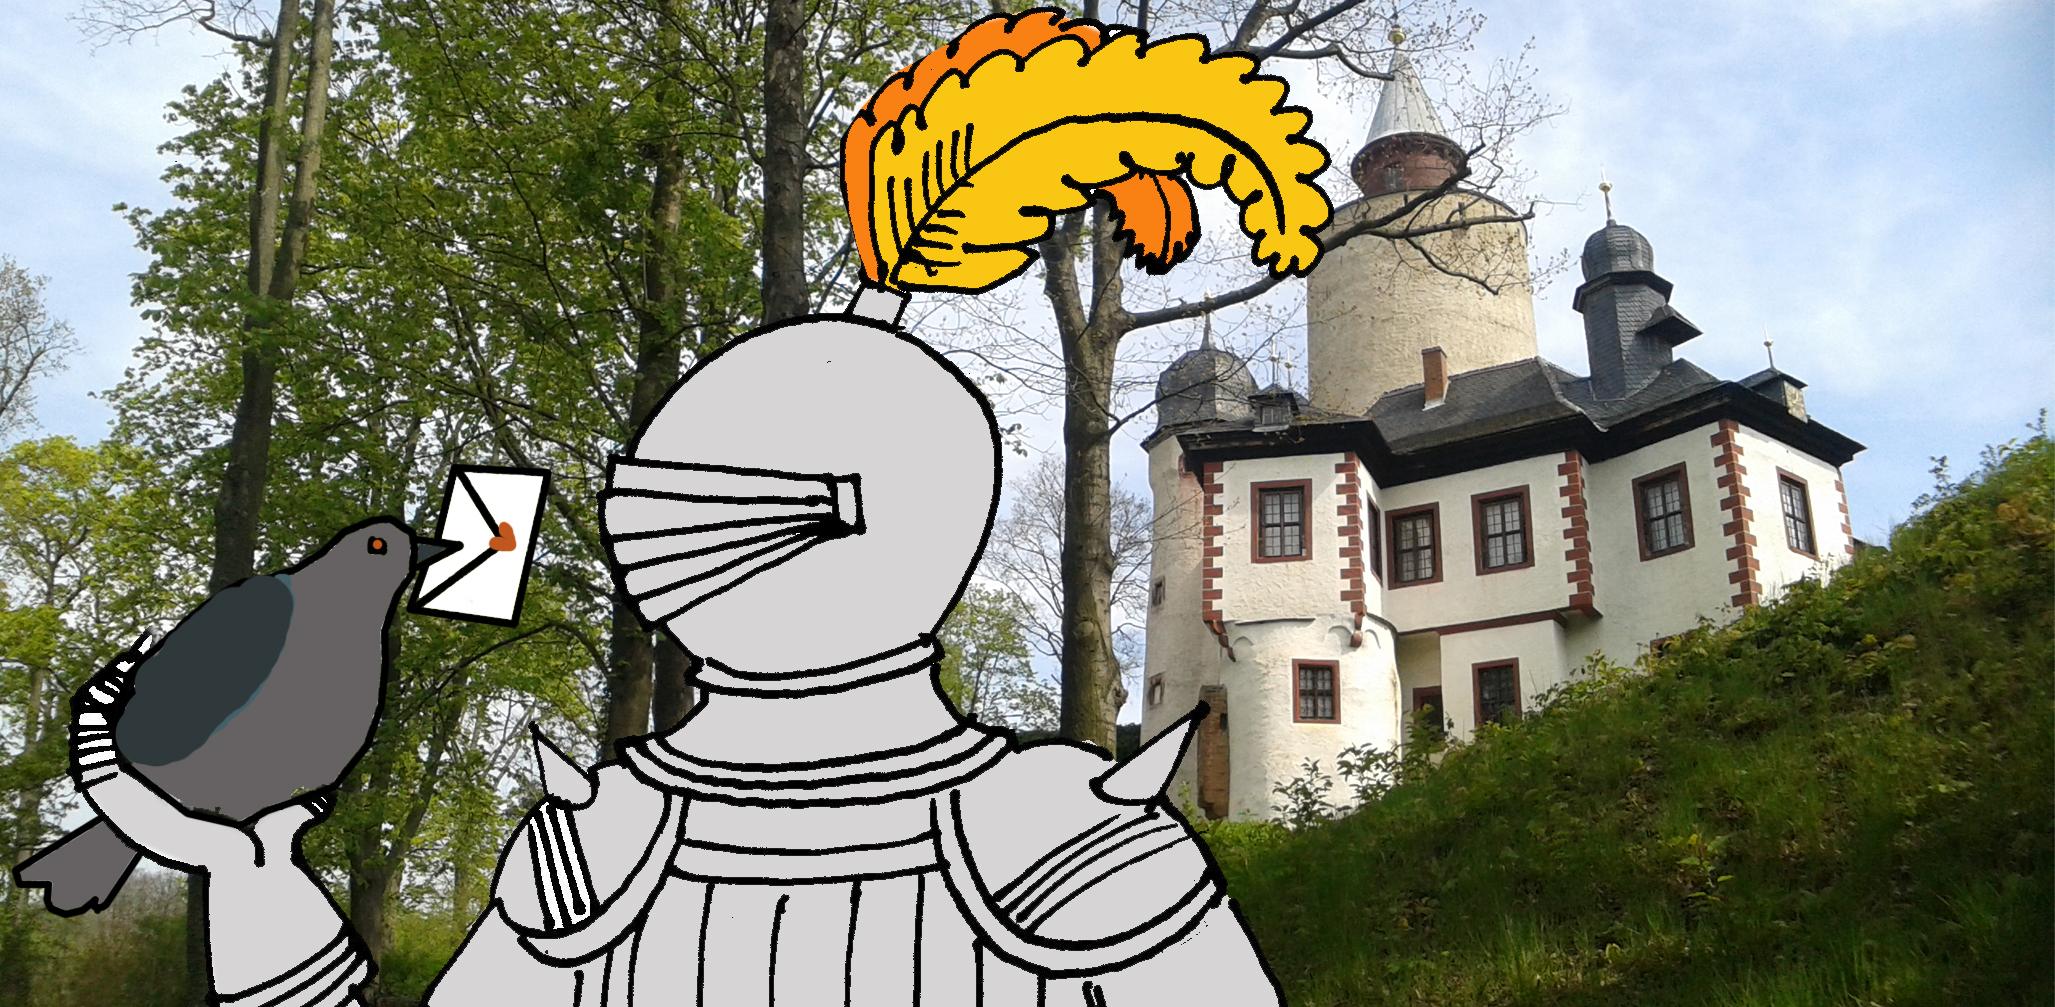 Sommerferien auf Burg Posterstein: Post in früheren Zeiten und historische Spiele auf dem Burghof